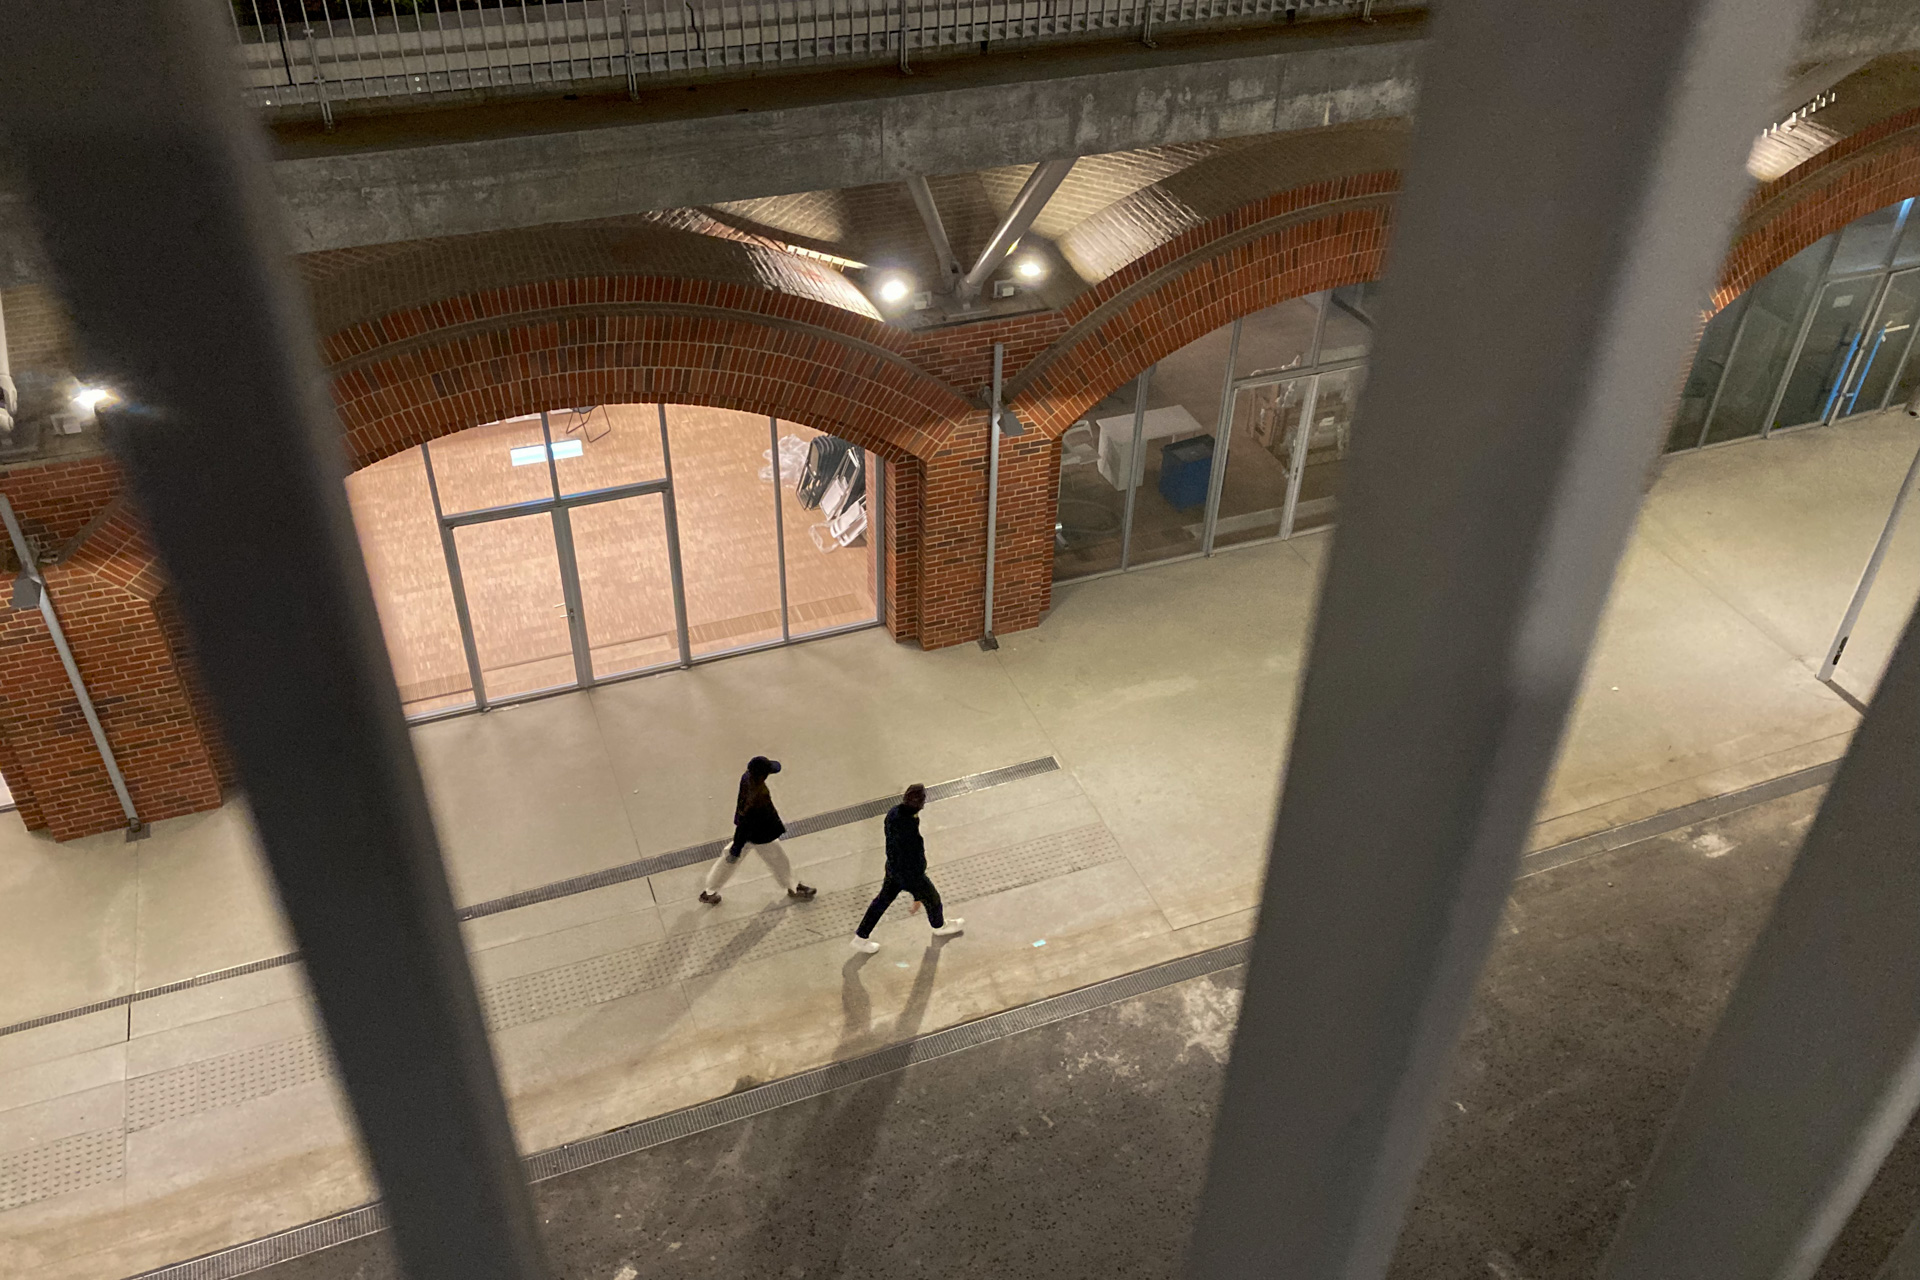 На фотографии парень и девушка. Они идут мимо новых сооружений на территории ГЭС-2. Он в черном, белые кеды, она в черной кепке и белых просторных брюках. Конец лета, вечер. Этот альбом создан, чтобы опубликовать эту фотографию на сайте. Эти двое еще на двух фотографиях будут идти.